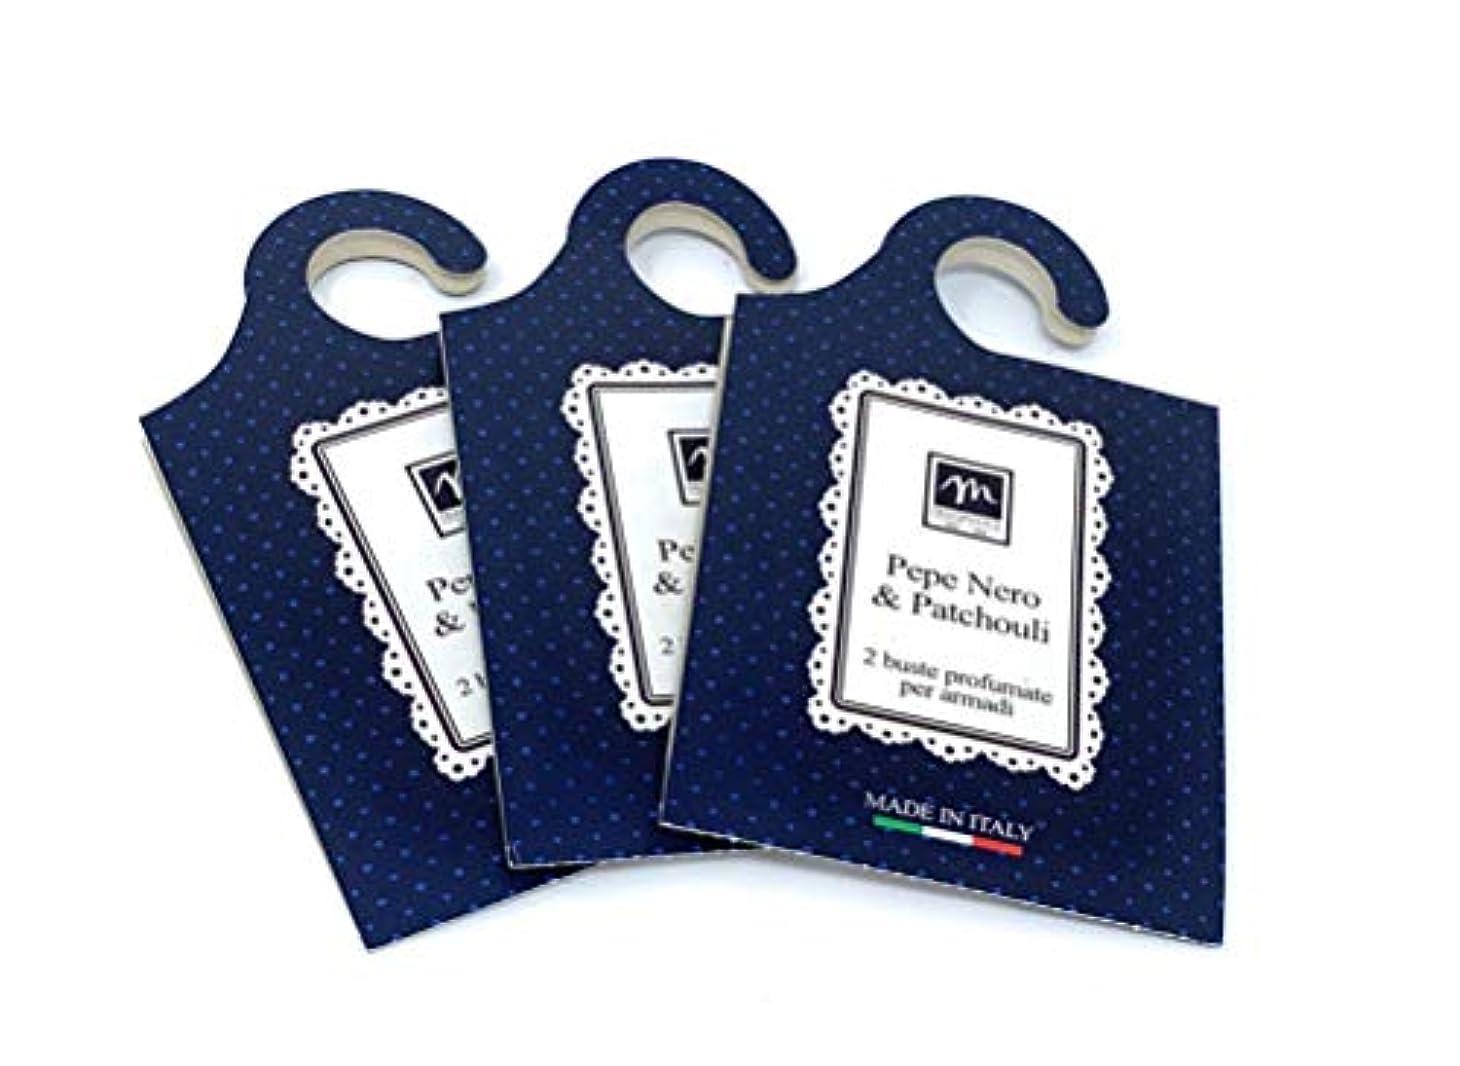 レイア保存考えMERCURY ITALY 吊り下げるサシェ(香り袋) MAISON イタリア製 ペパー&パチョリの香り/Pepe Nero & Patchouli 2枚入り×3パック [並行輸入品]